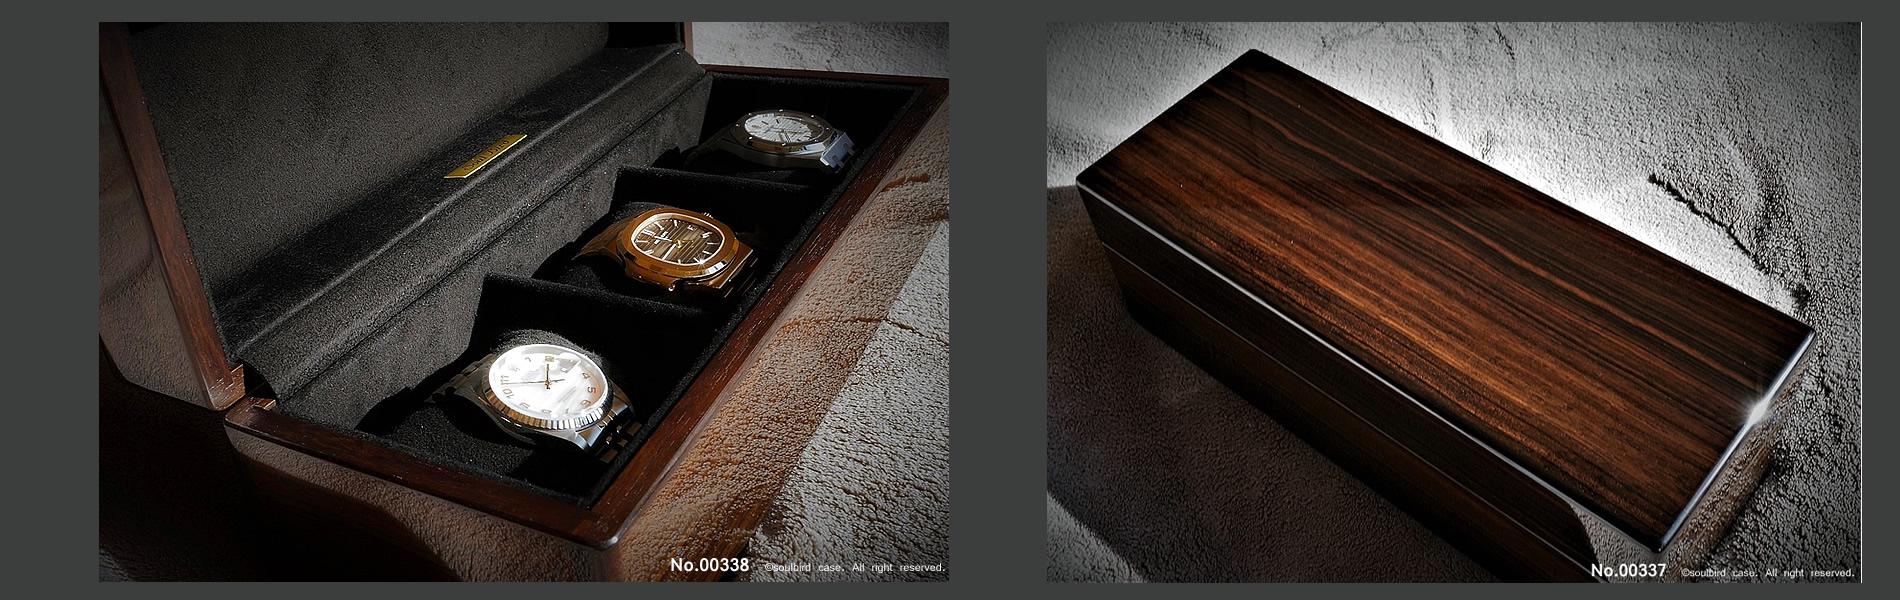 縞黒檀5本用時計ケース